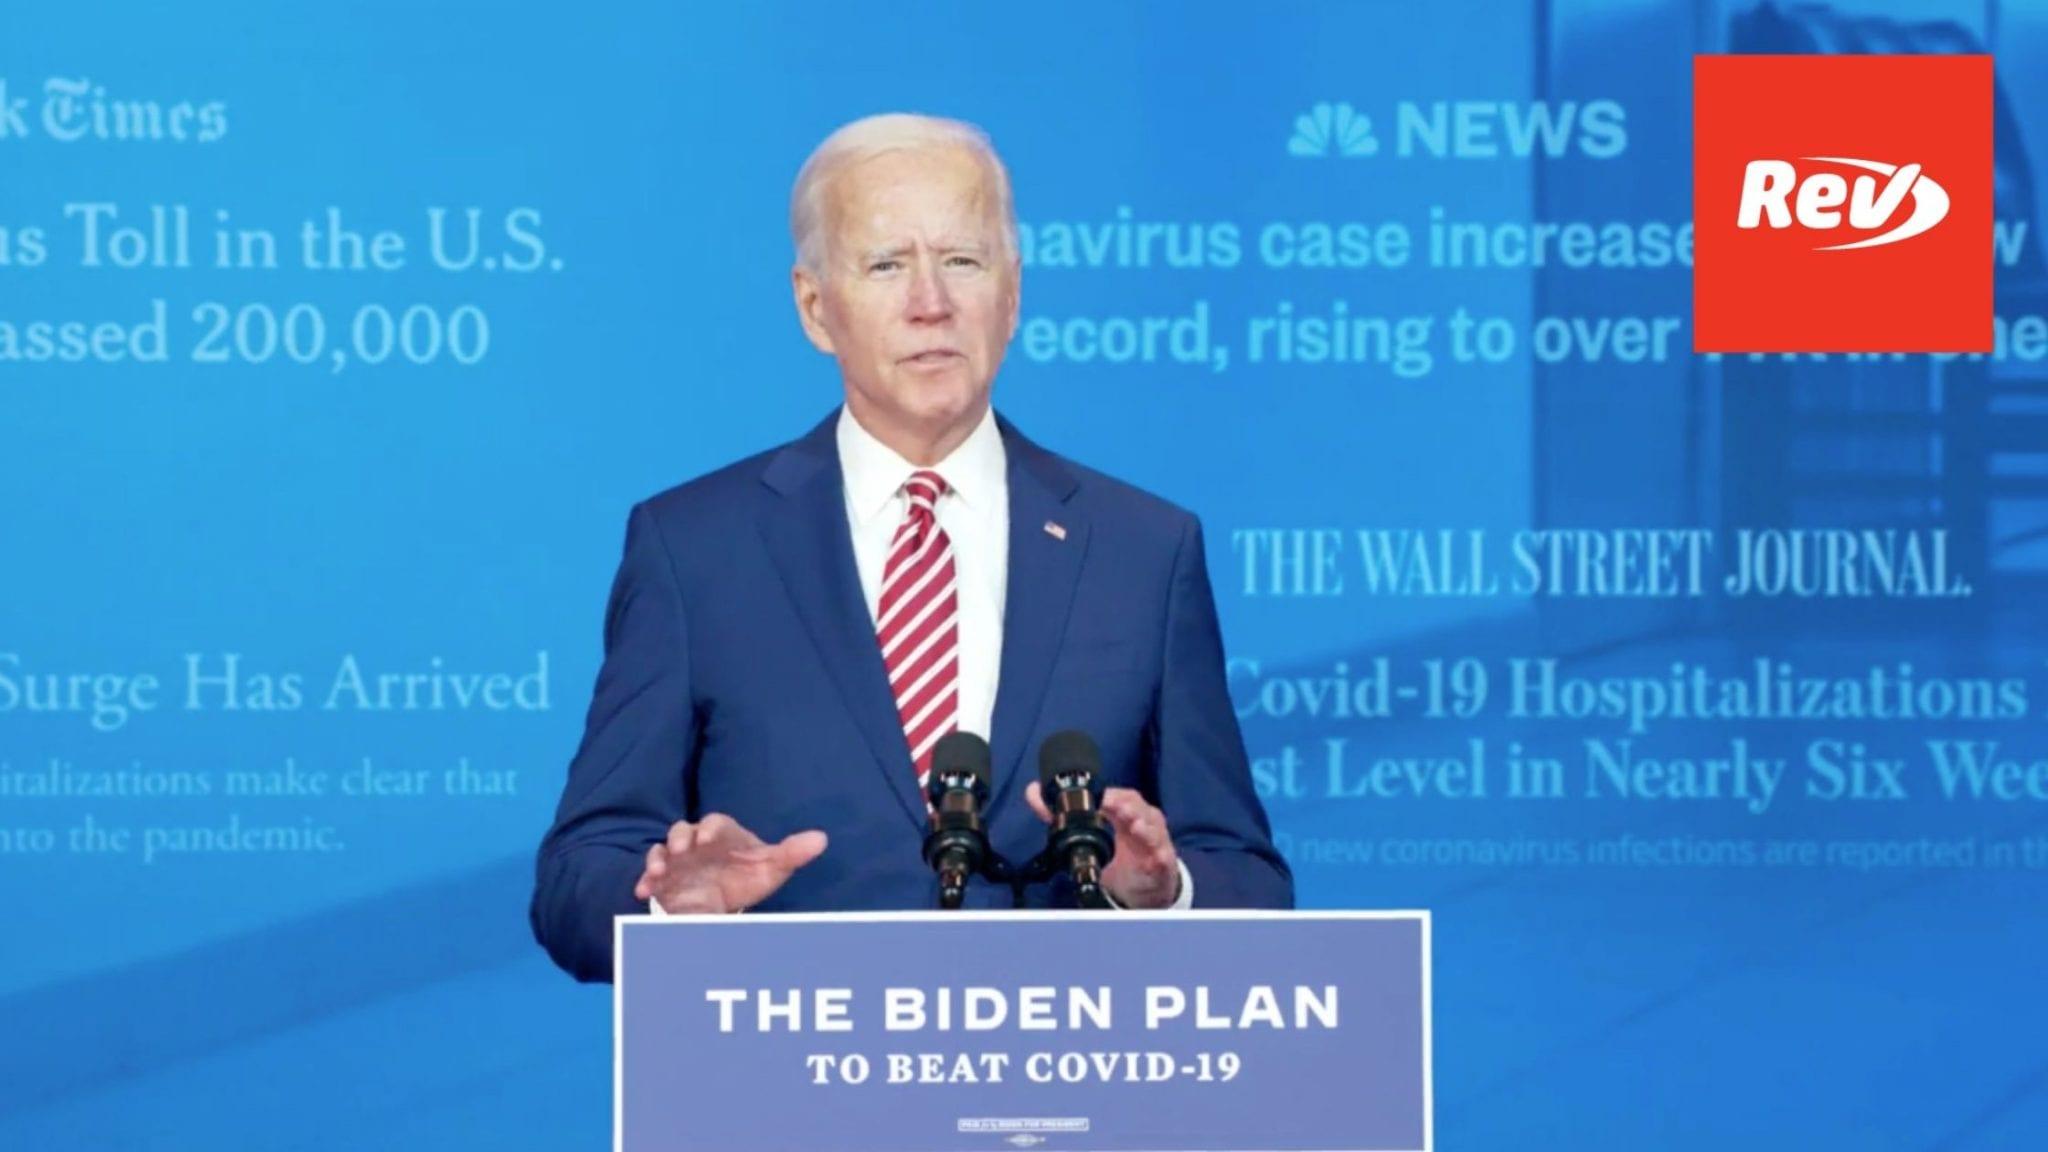 Joe Biden Plan to Combat Covid-19 Speech Transcript October 23